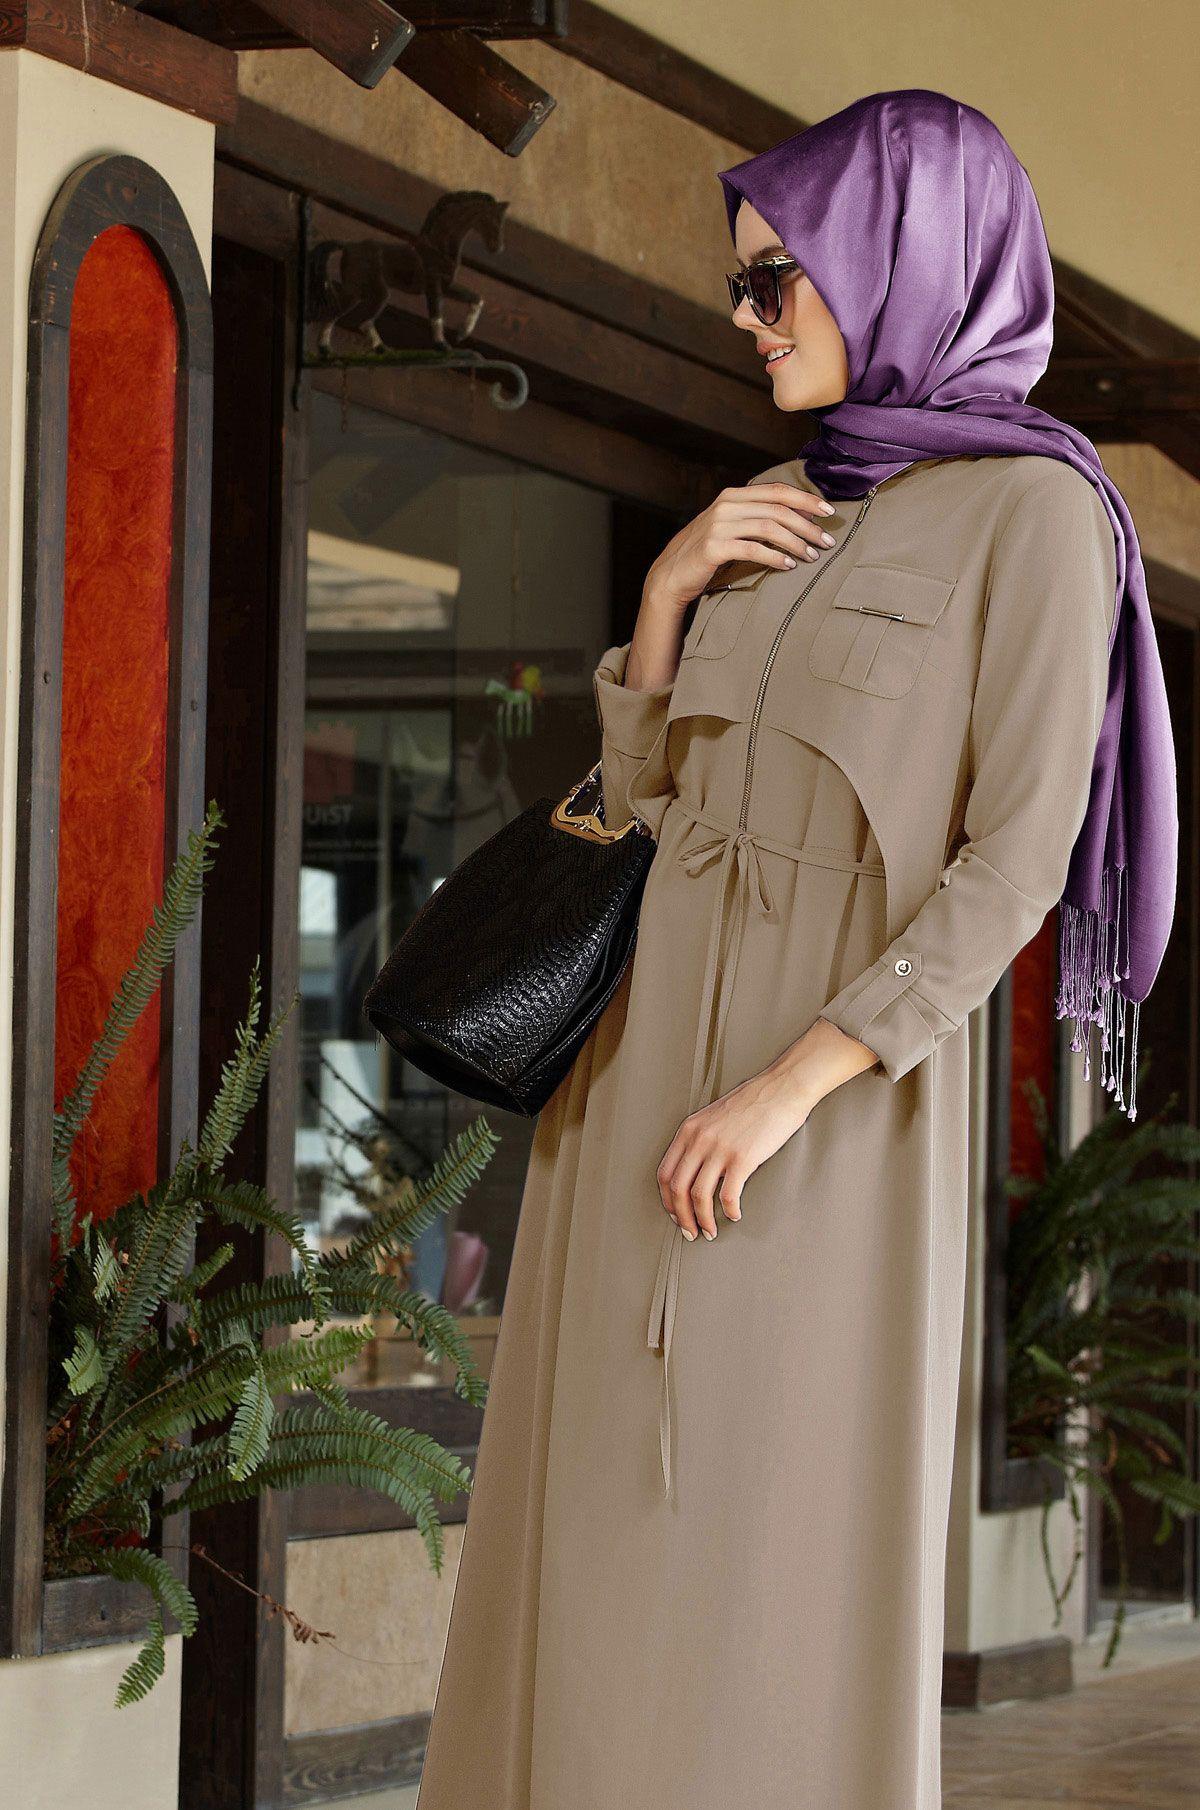 Tesettur Giyim Esarp Kaban Kap Etek Ceket Tunik Pantalon Elbise Manto Pardesu Giyim Kiyafet Elbise